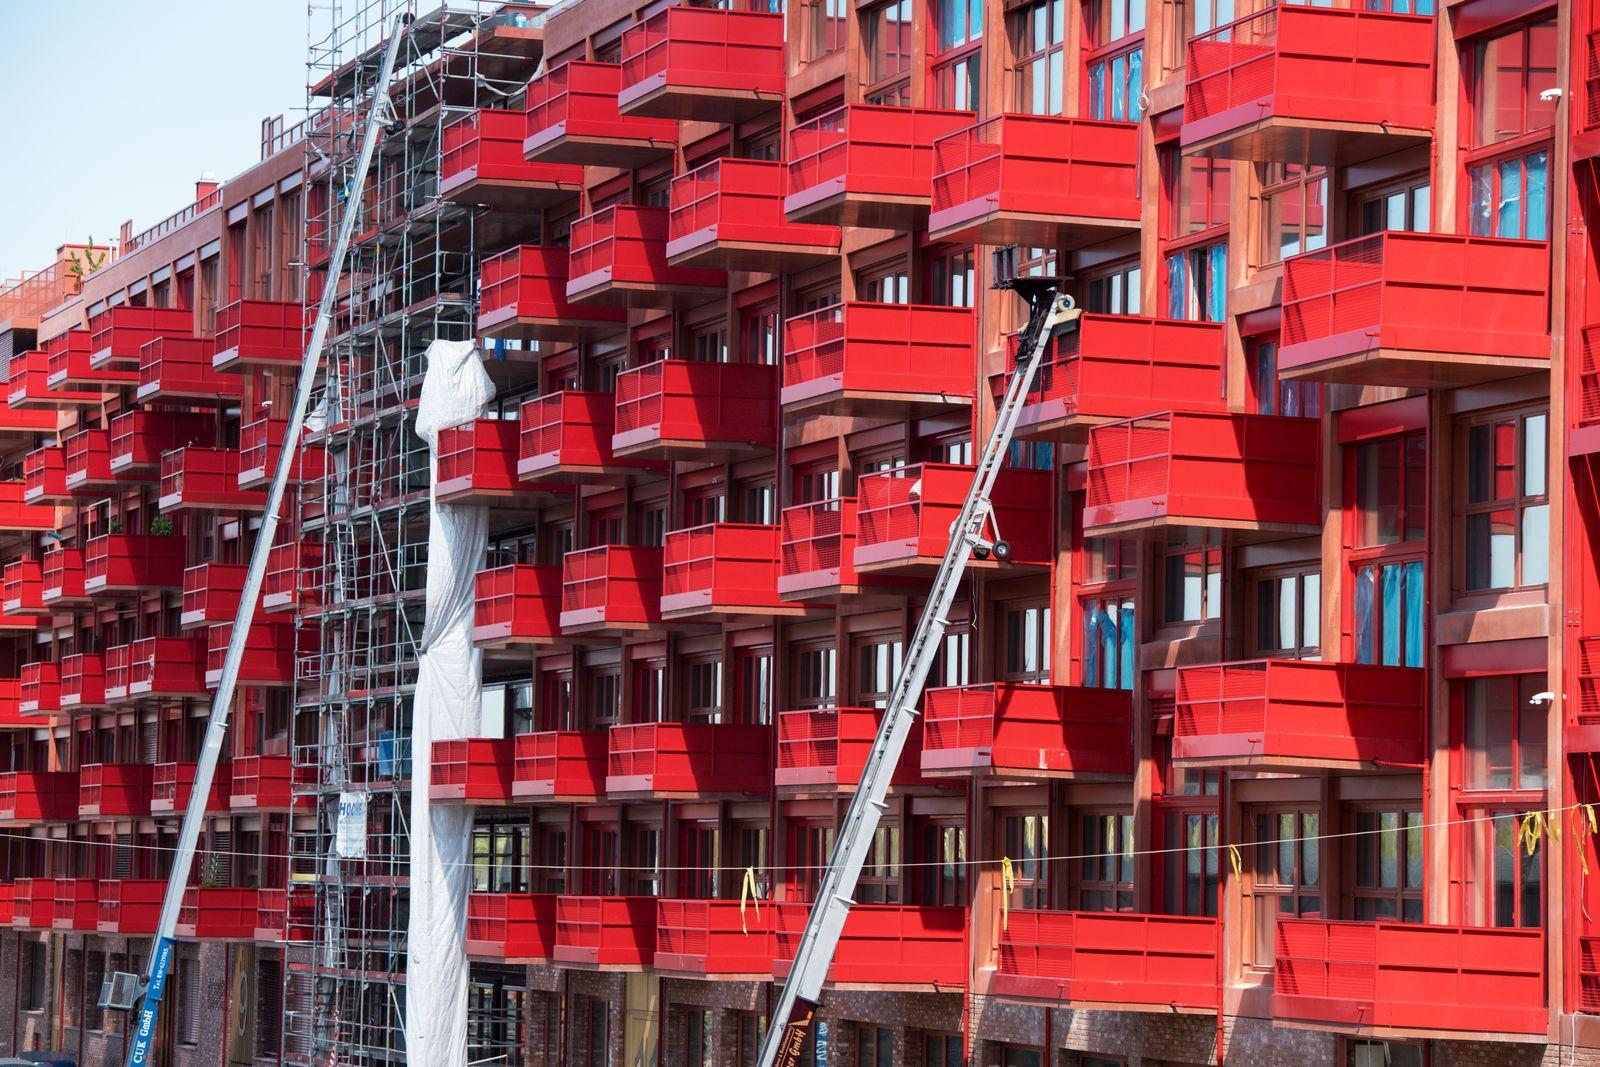 Immobilien / Wohnungen / Wohnungsneubauten Berlin